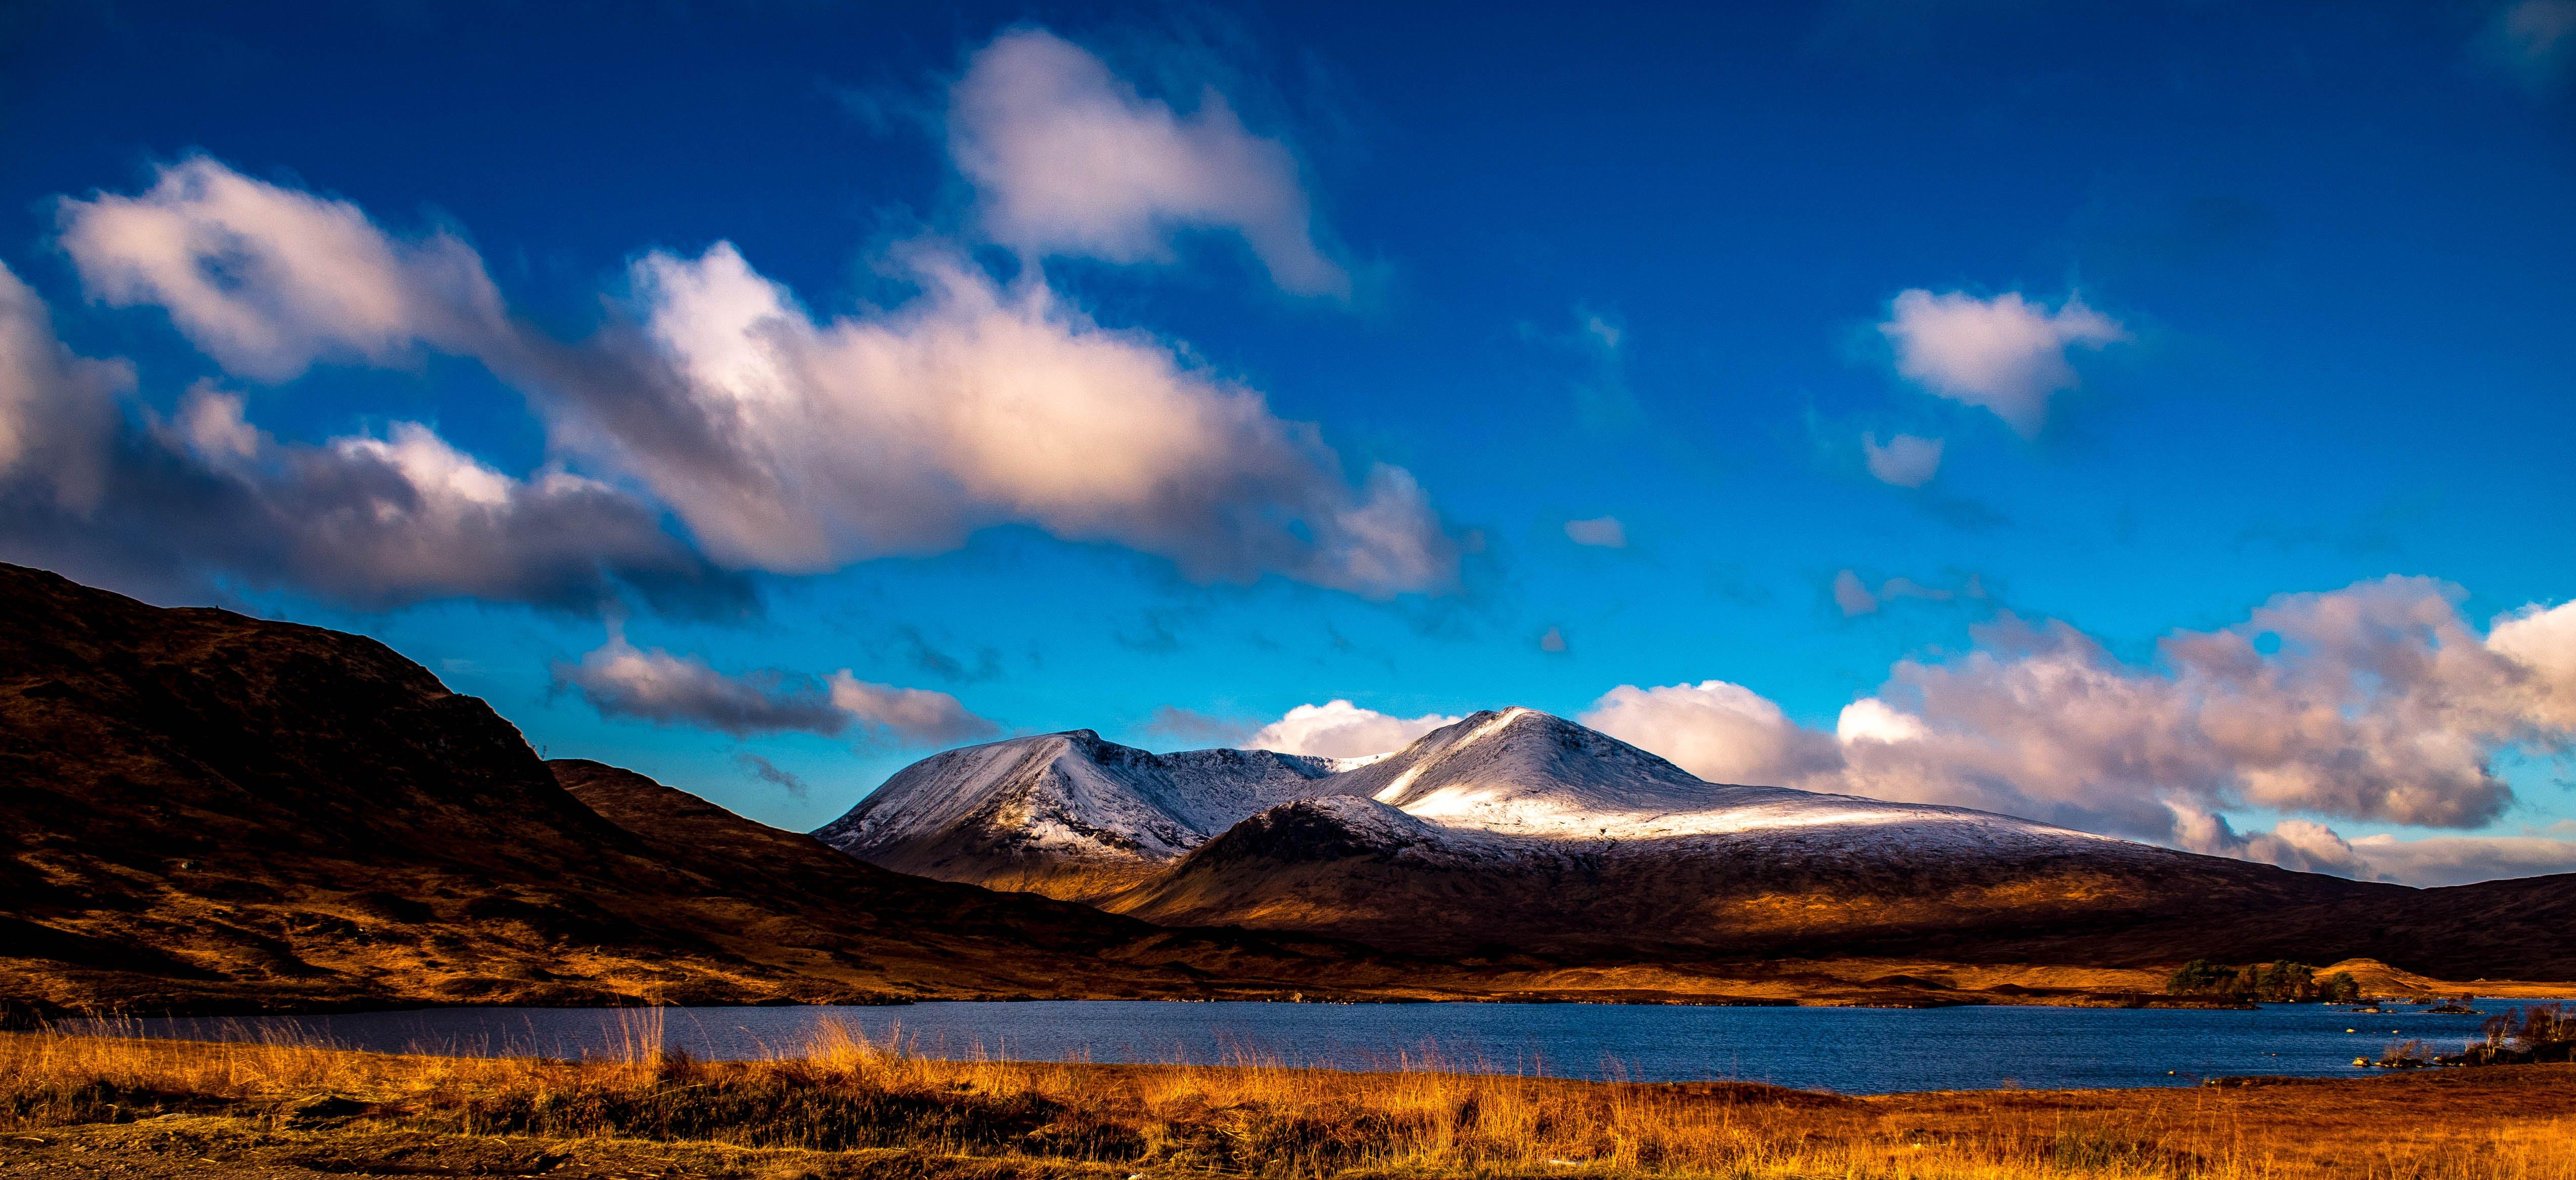 경치, 경치가 좋은, 구름, 국가의 무료 스톡 사진